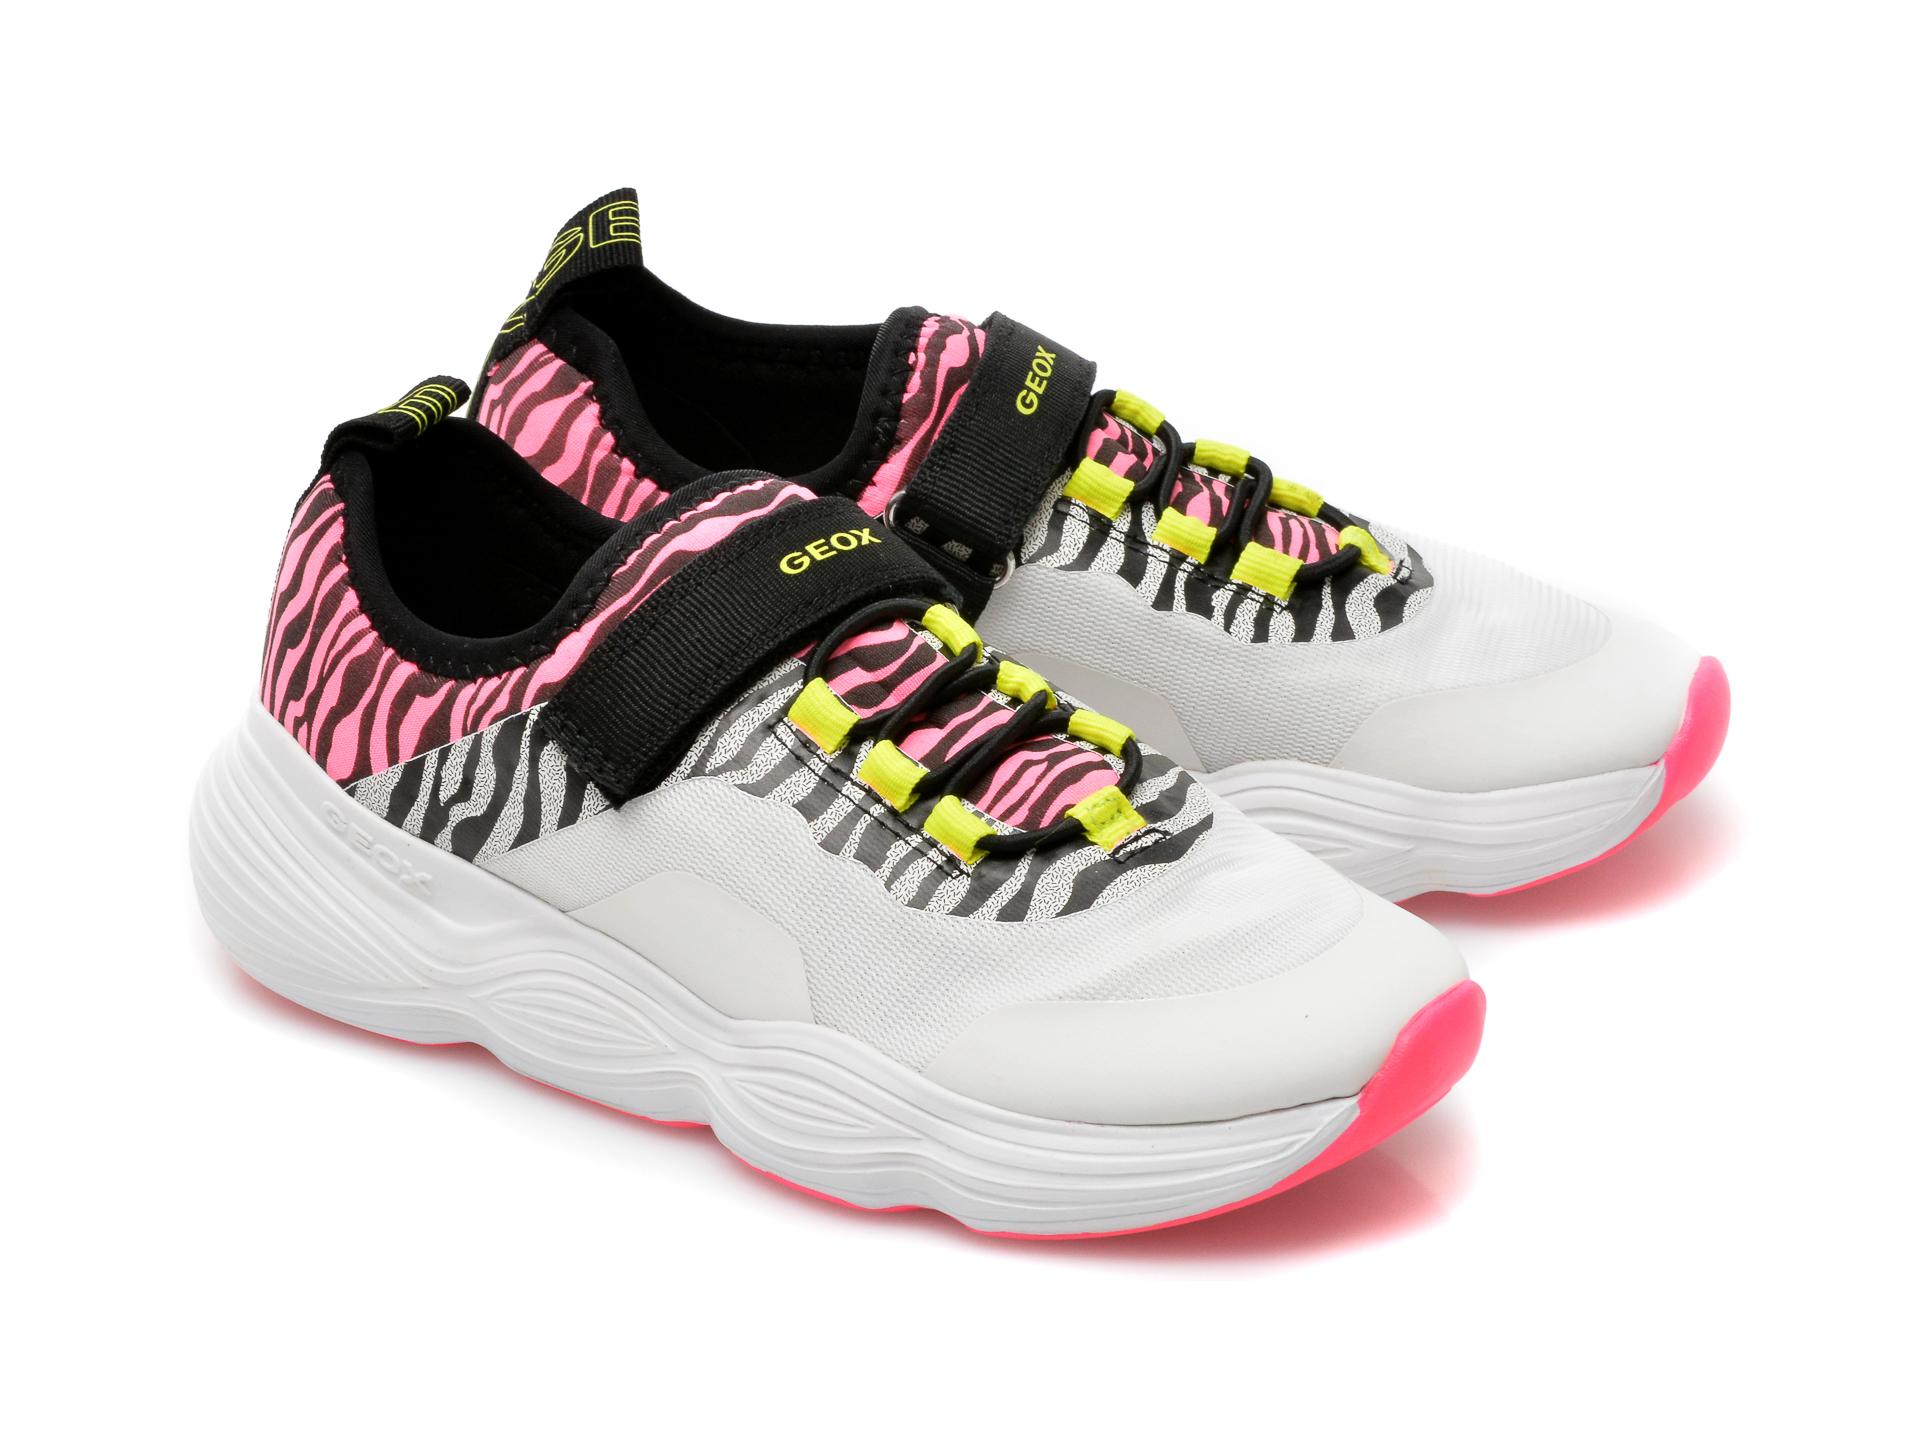 Pantofi sport GEOX albi, J15CNA, din piele ecologica - 4